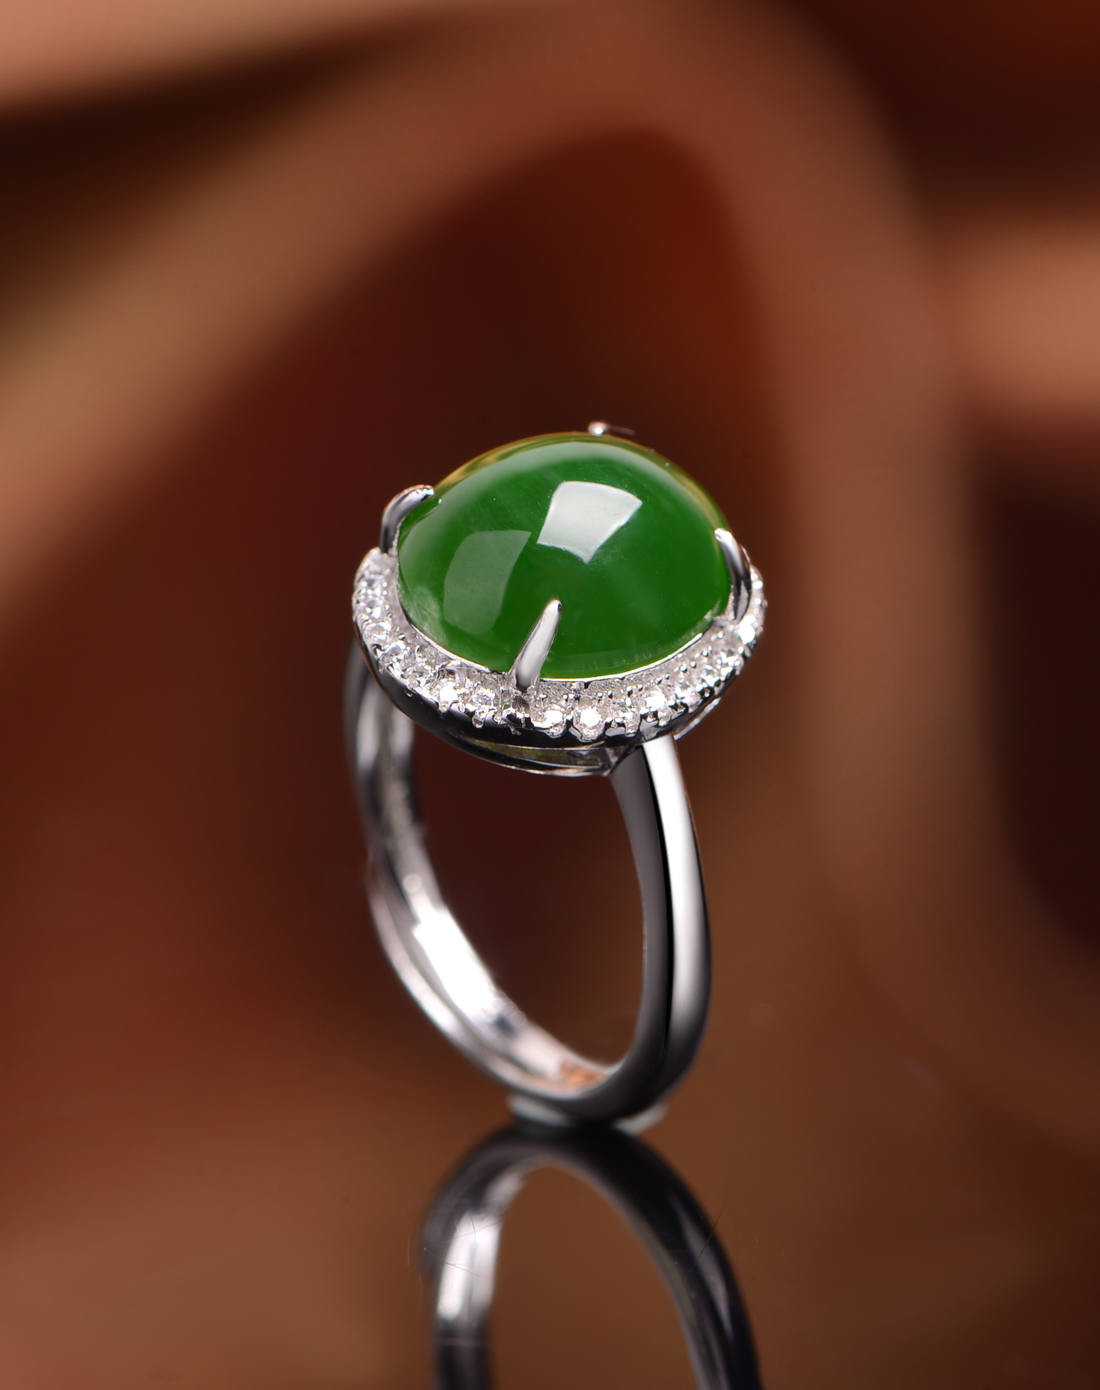 s925银镶和田碧玉椭圆形戒指